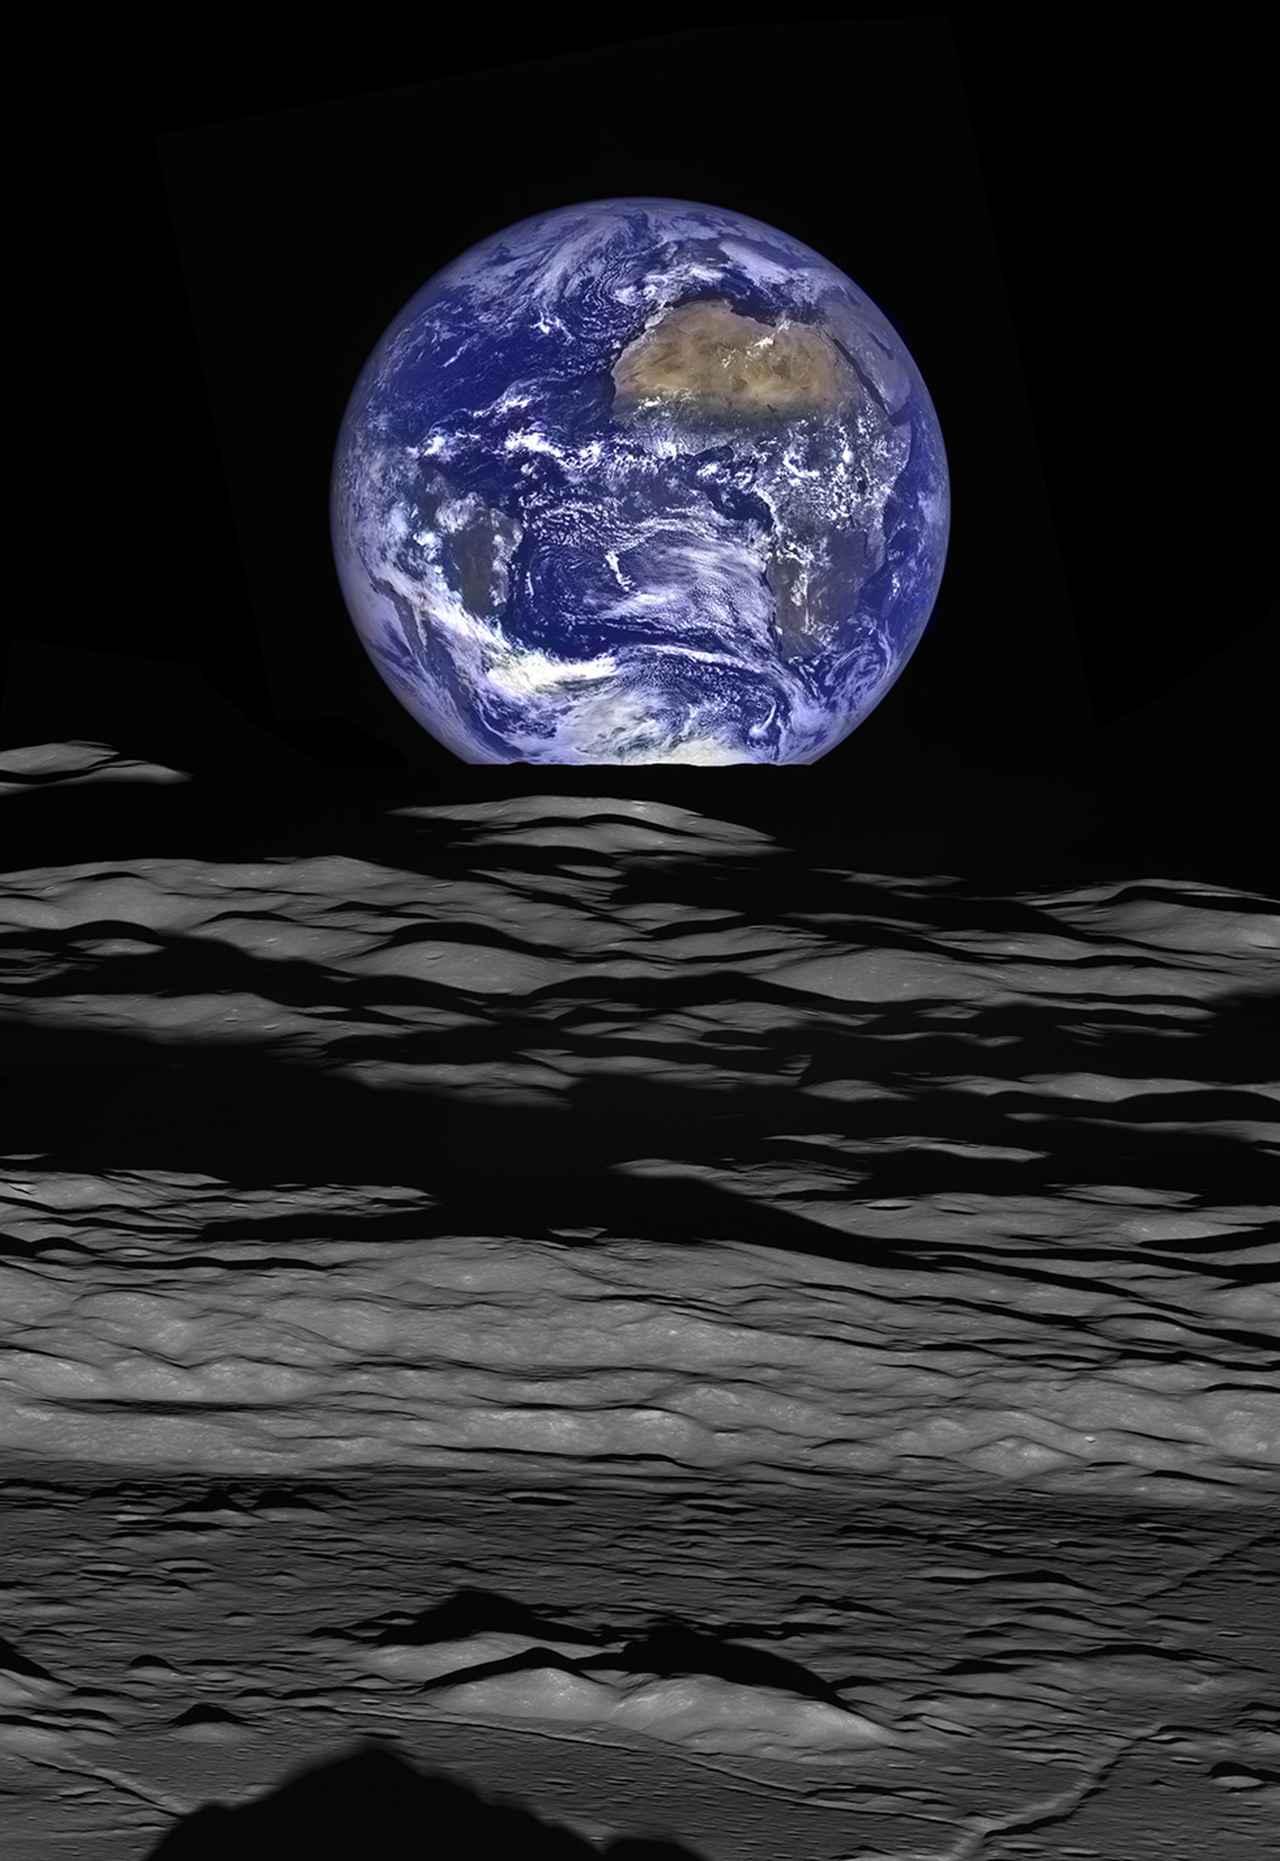 Images : 2番目の画像 - 「NASAがとらえた アートのような宇宙の姿」のアルバム - T JAPAN:The New York Times Style Magazine 公式サイト